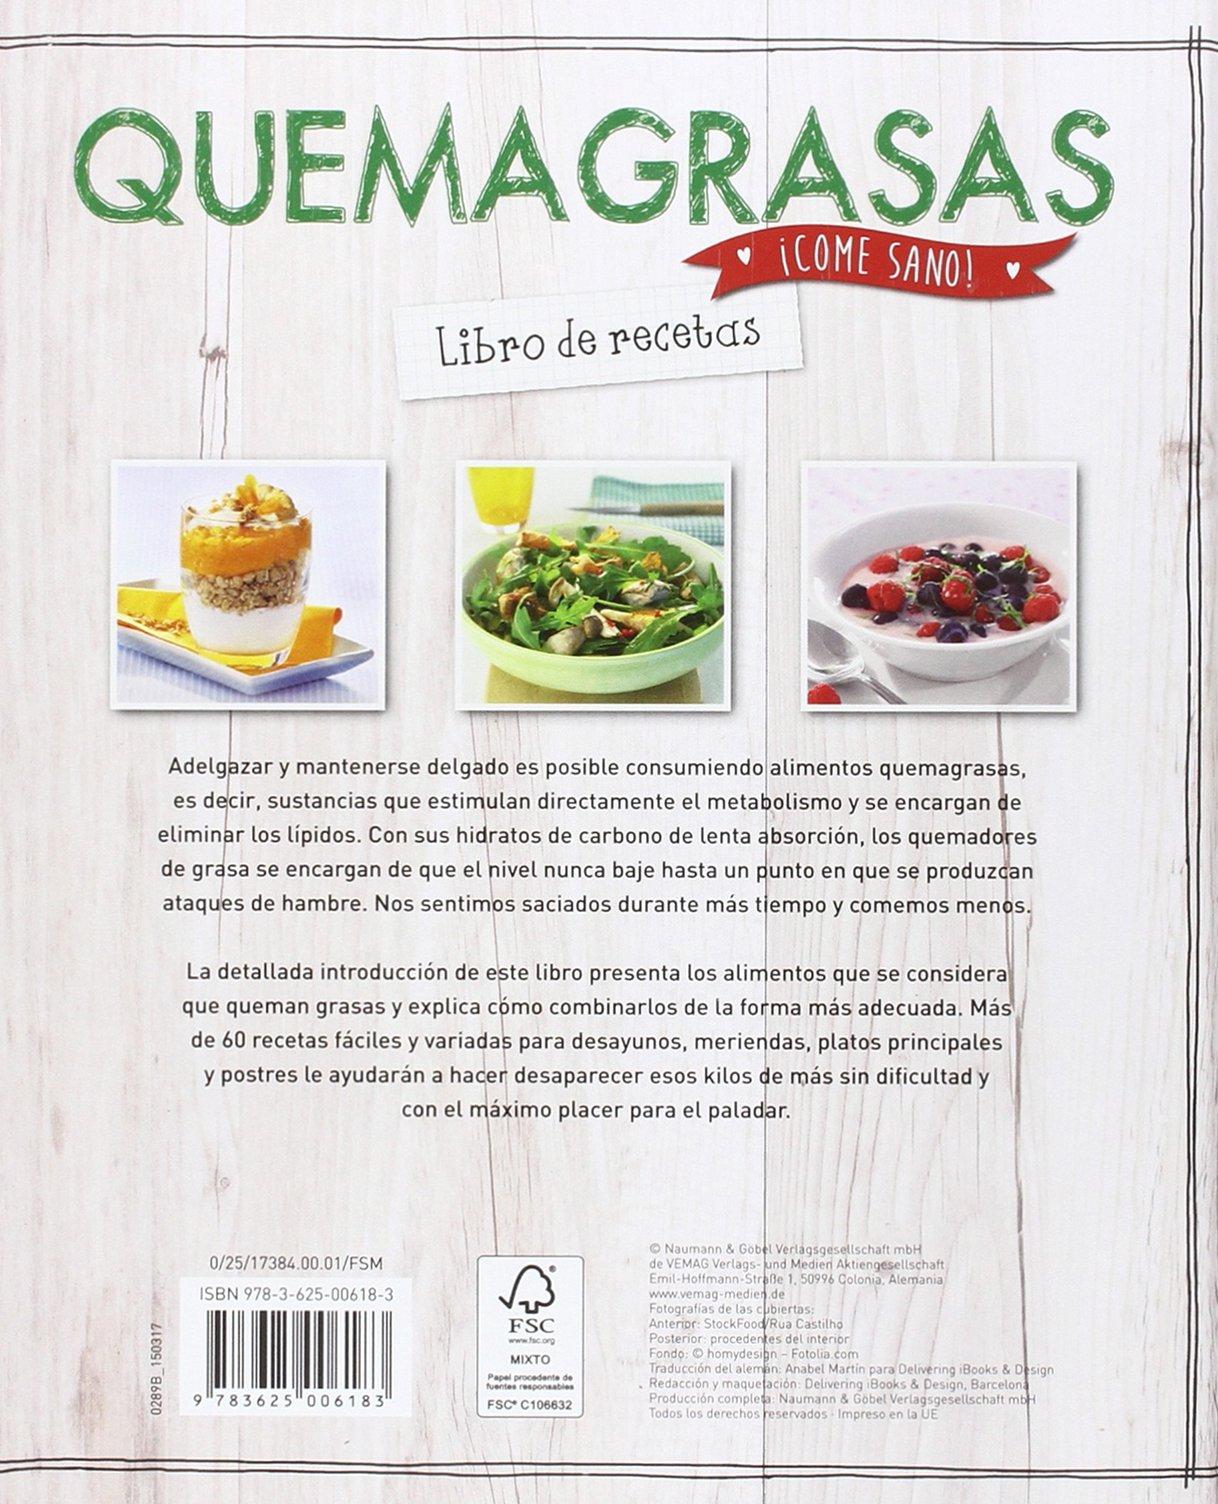 RECETAS QUEMAGRASAS: VV.AA.: 9783625006183: Amazon.com: Books